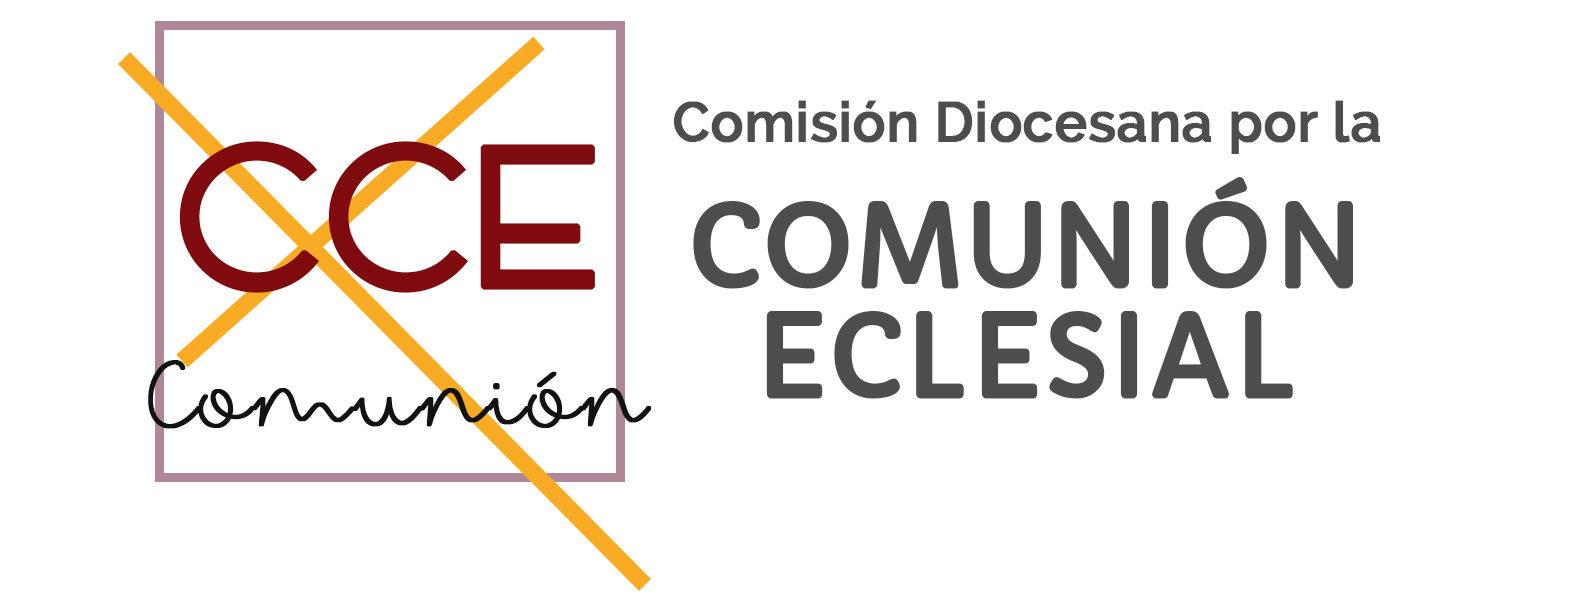 Comisión Diocesana